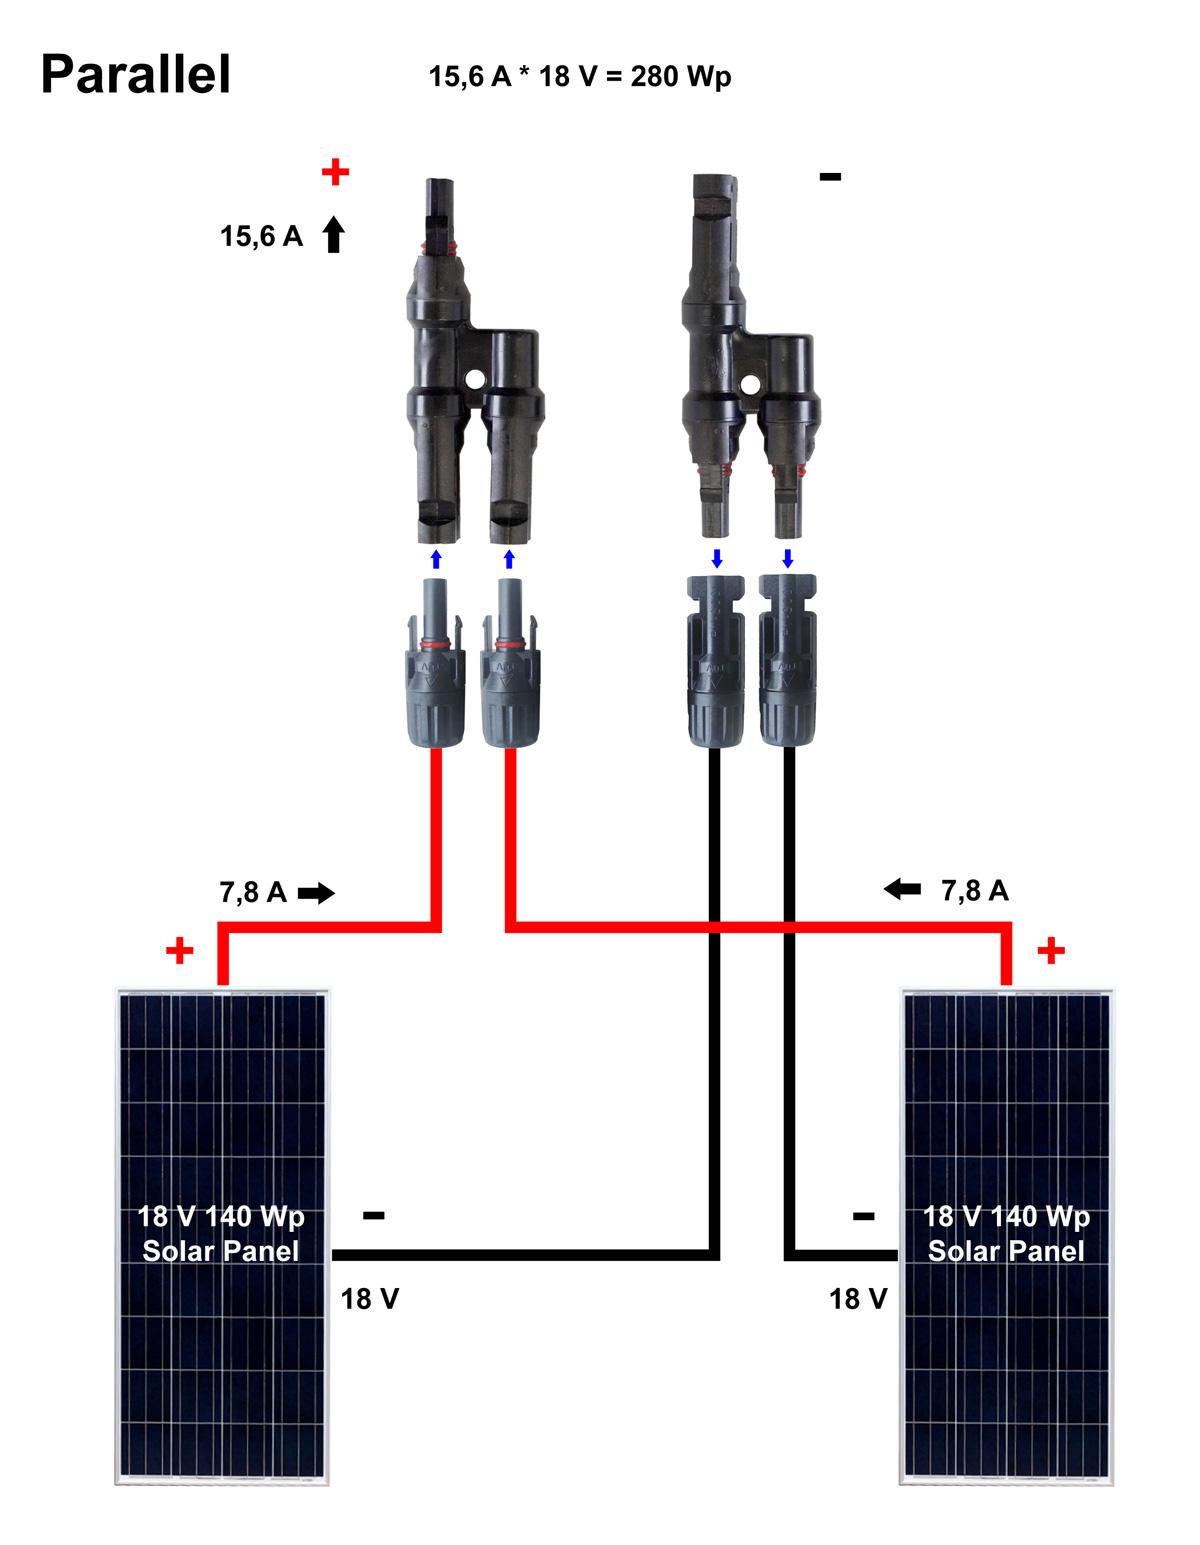 připojení solárního panelu